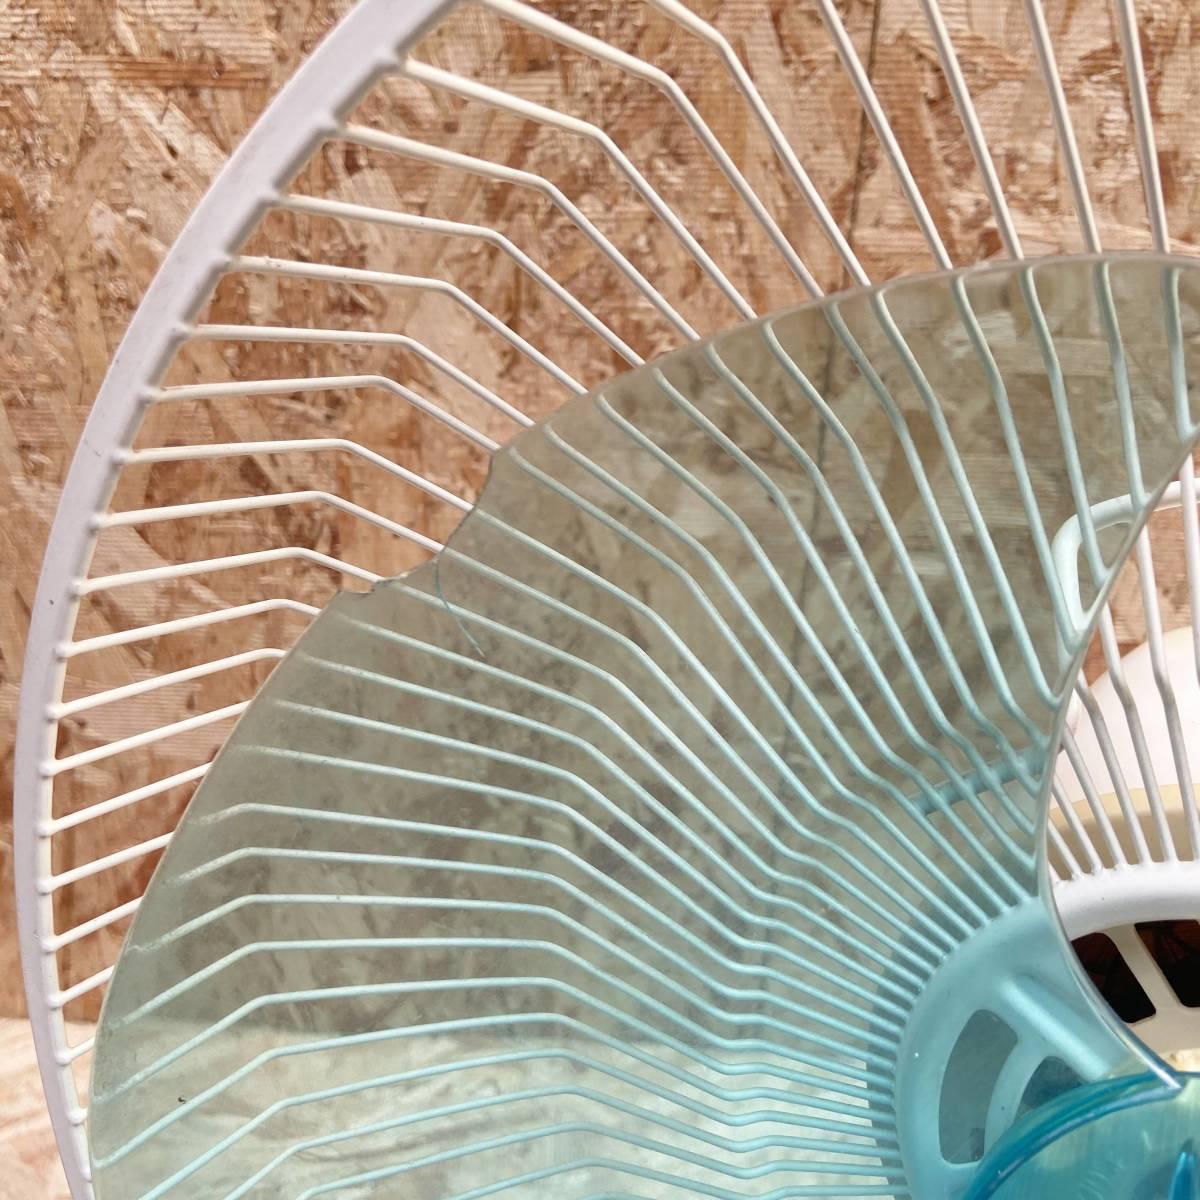 甲HK7837 動作品 難アリ 富士産業 卓上用扇風機 昭和レトロ FWS-30 3枚羽根 3段階 タイマー 元箱つき 現状品_画像5